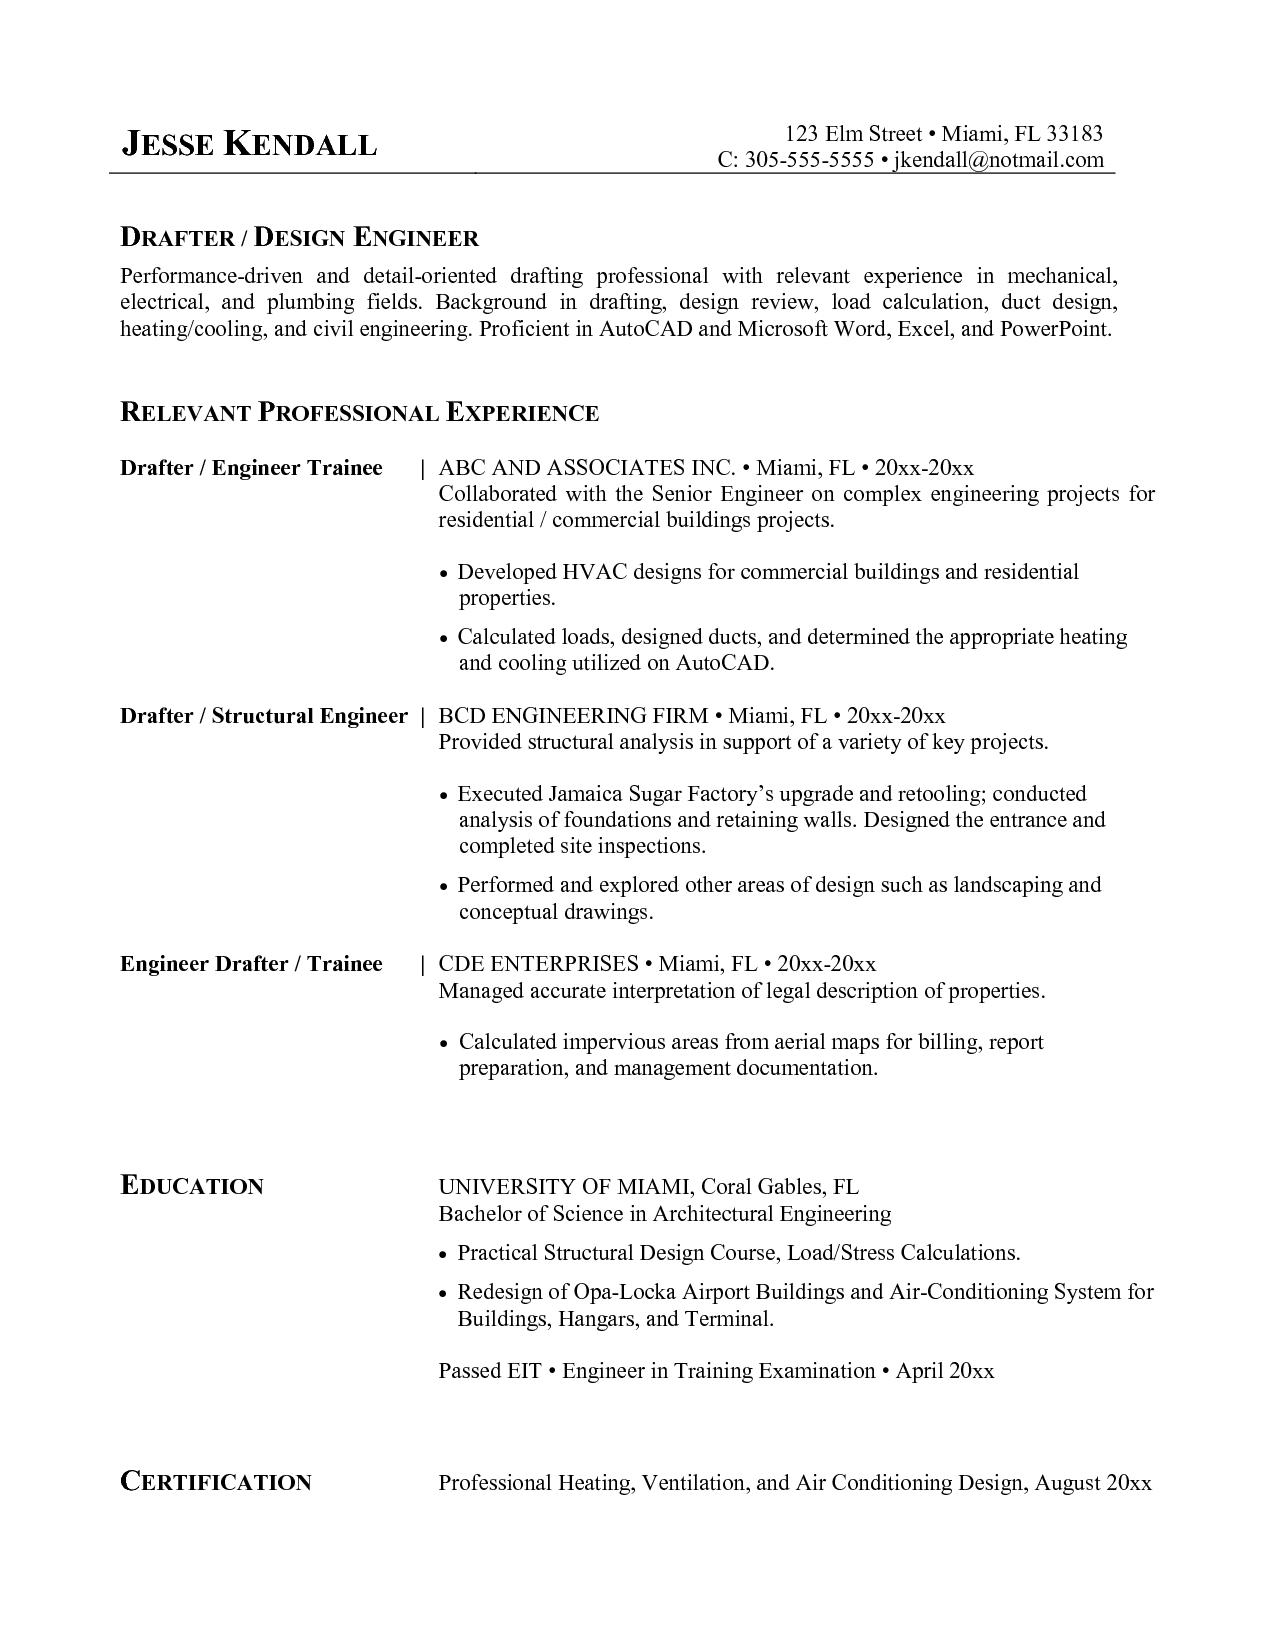 Great Hvac Resume Sample Cover Letter For Resume Sample Resume Templates Resume Templates